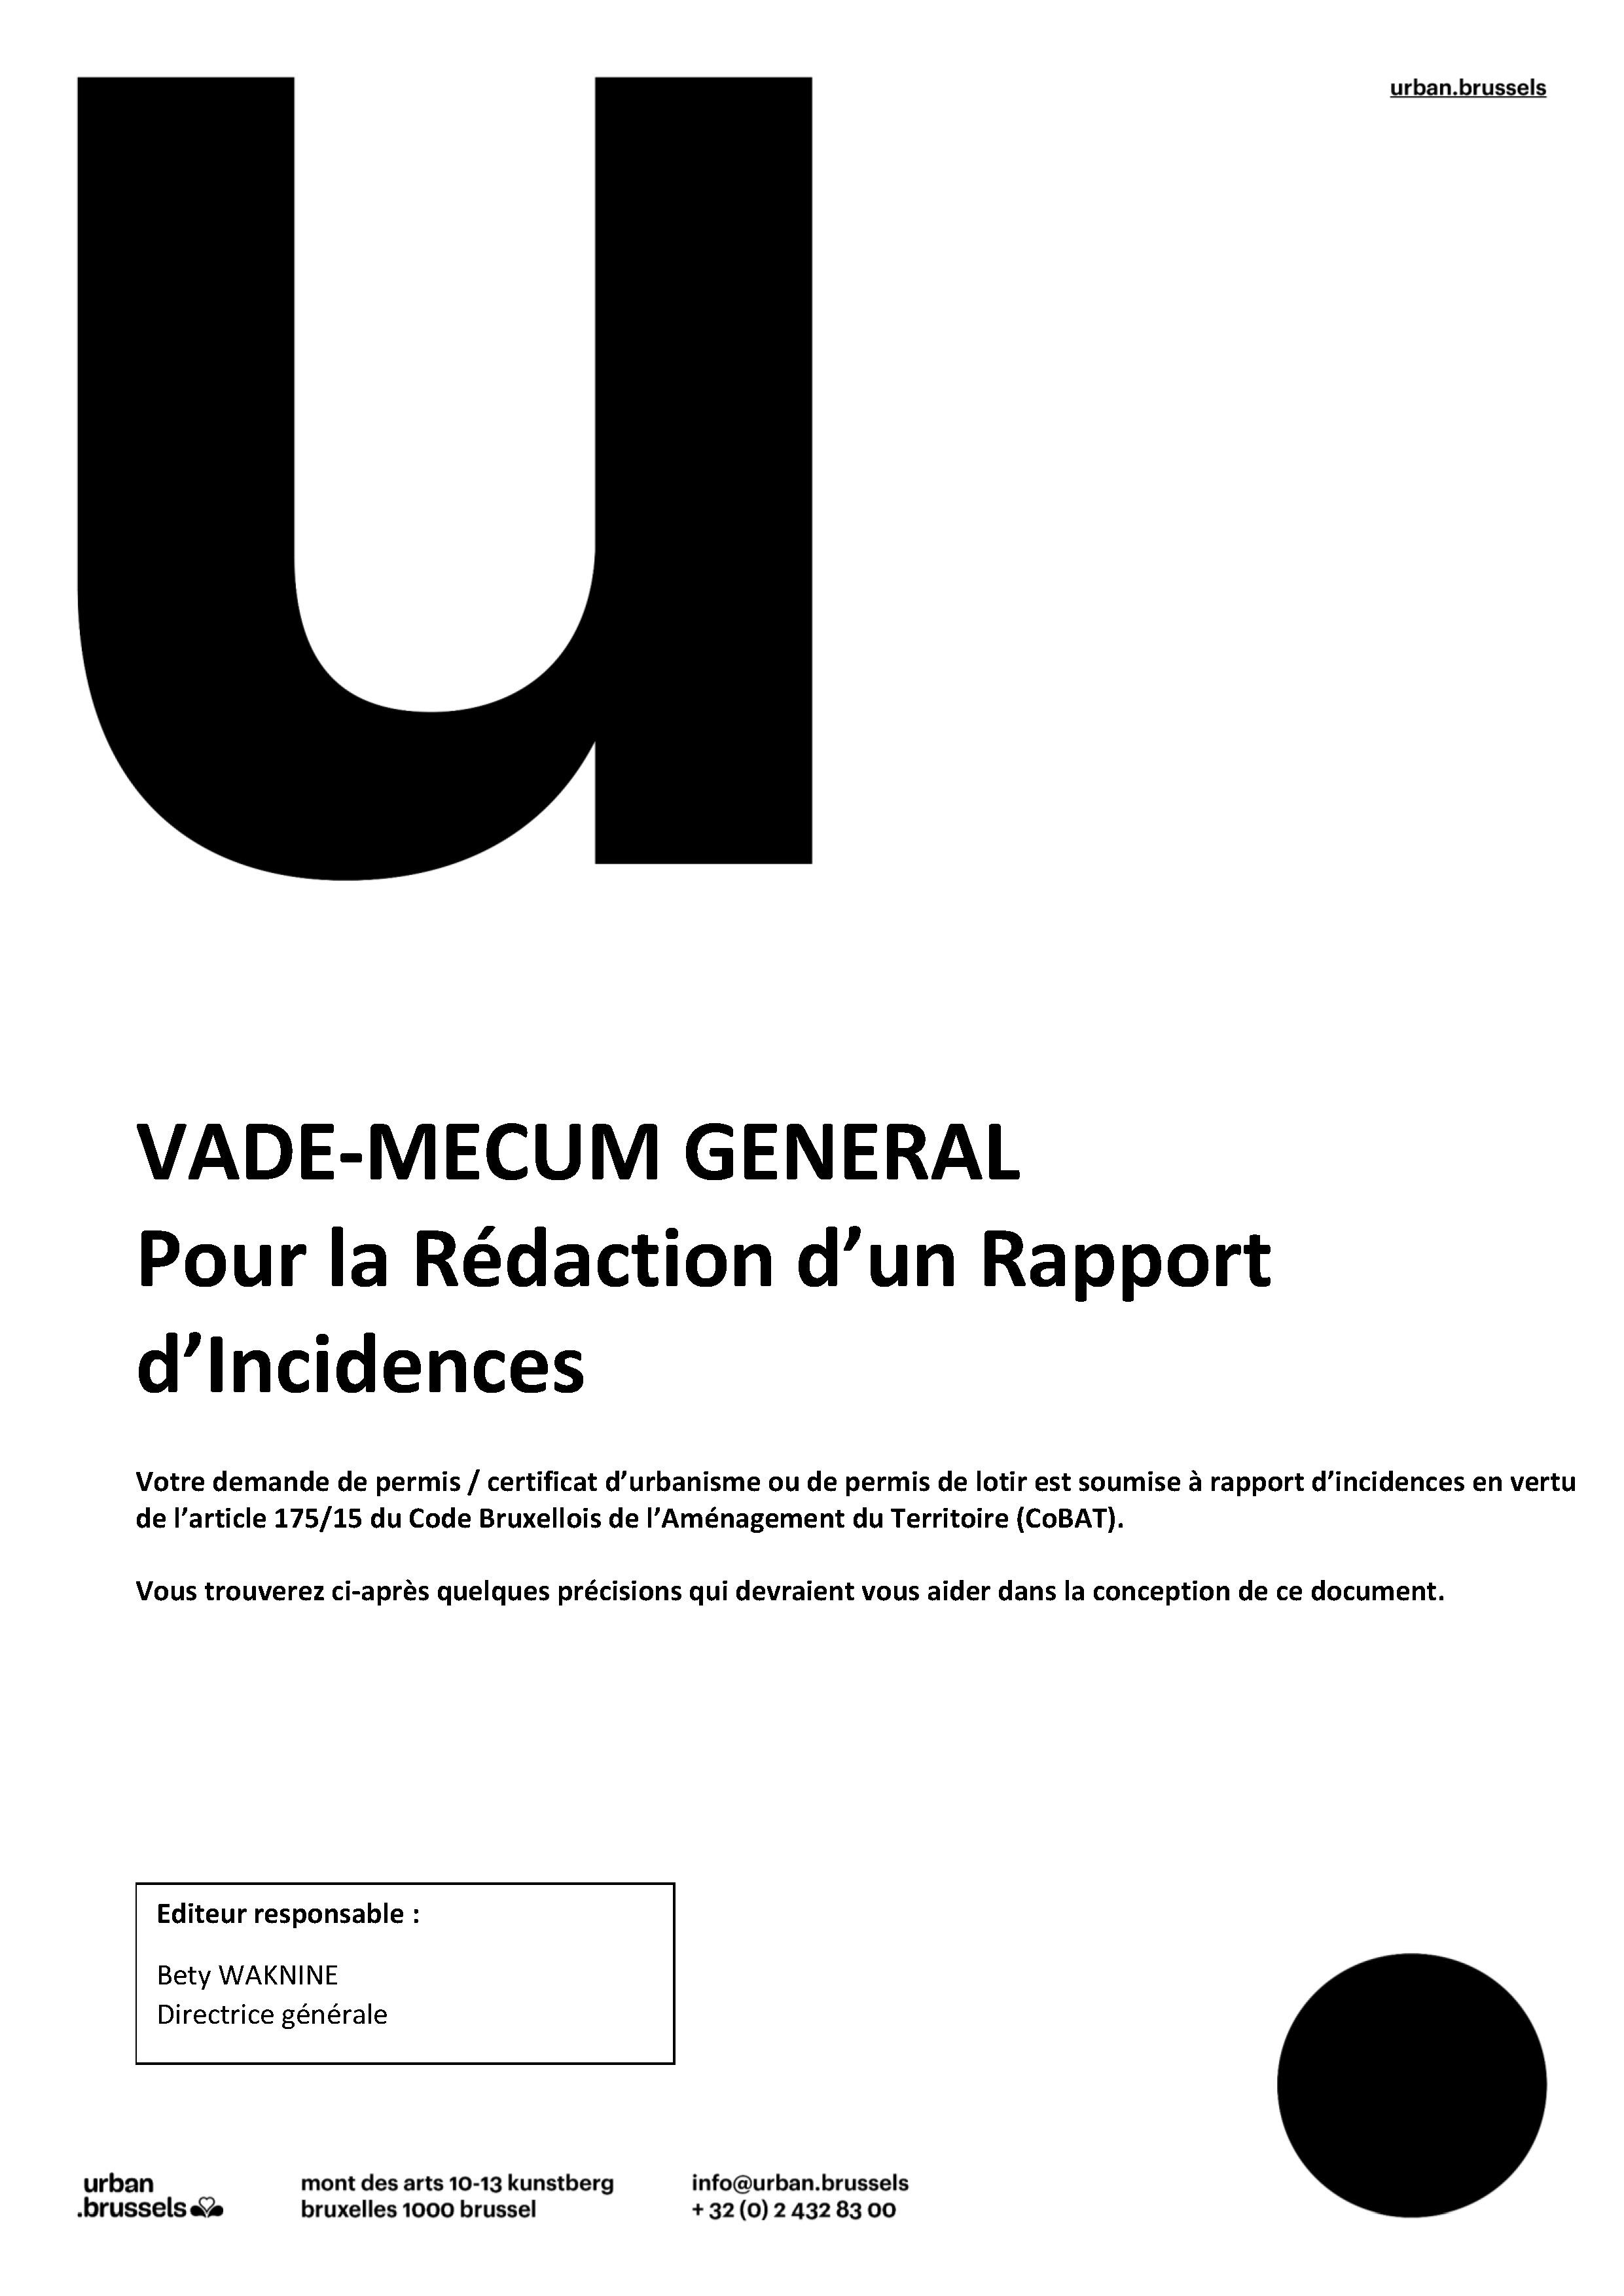 Vade-mecum pour la rédaction d'un rapport d'incidences